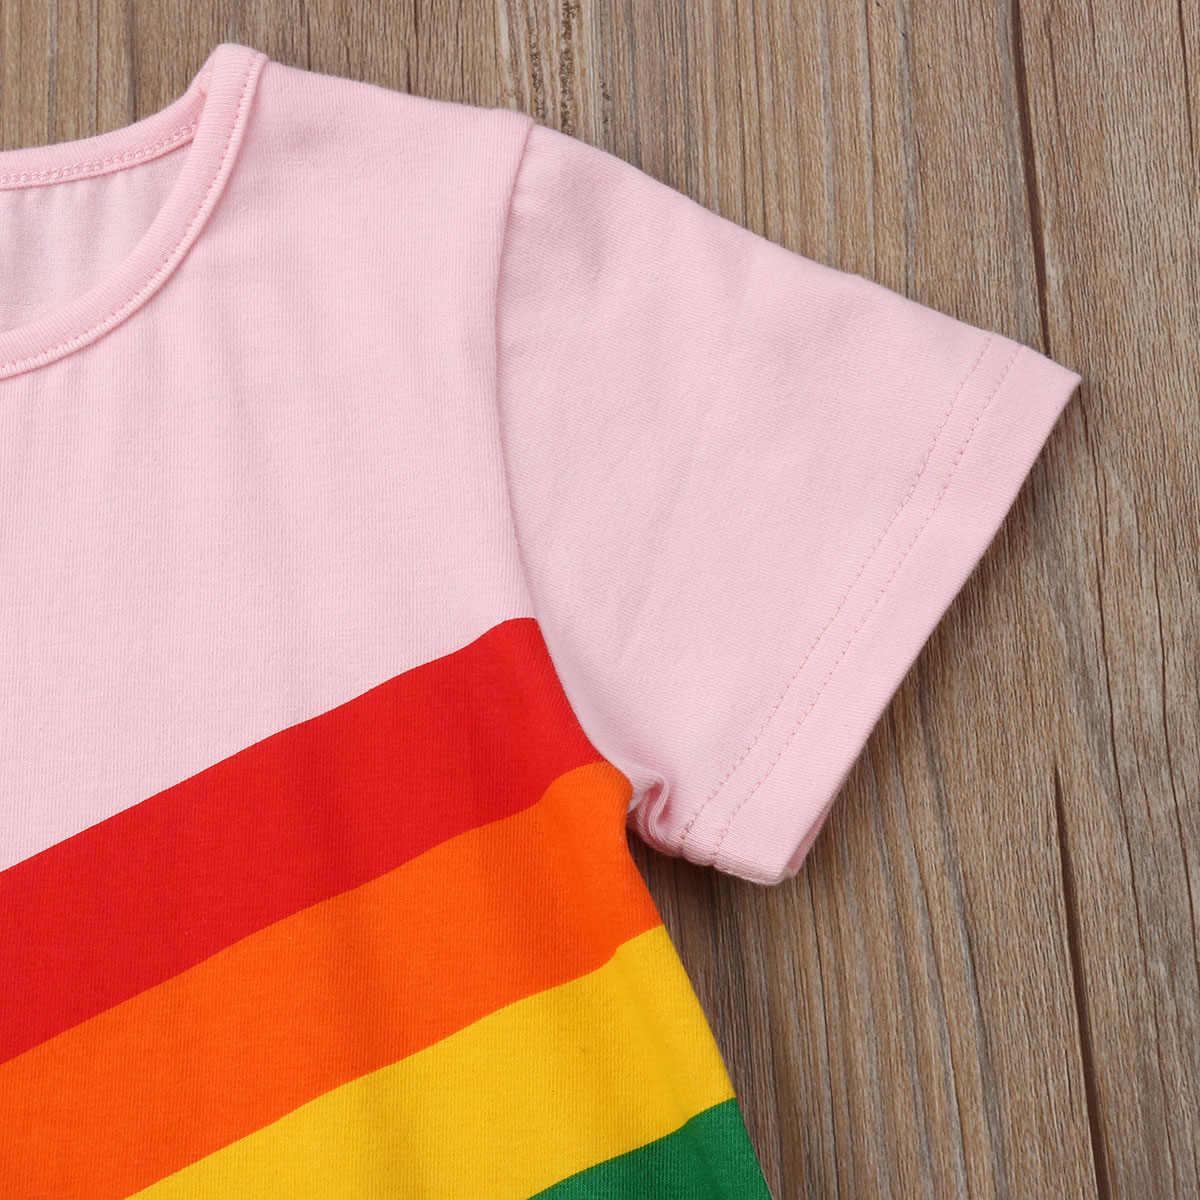 קיץ פעוט ילדים תינוק חמוד בנות פסים כותנה נסיכת שמלת קשת מודפס מפלגה מקרית שמלה קיצית בגדי 2-6Y מחיר: